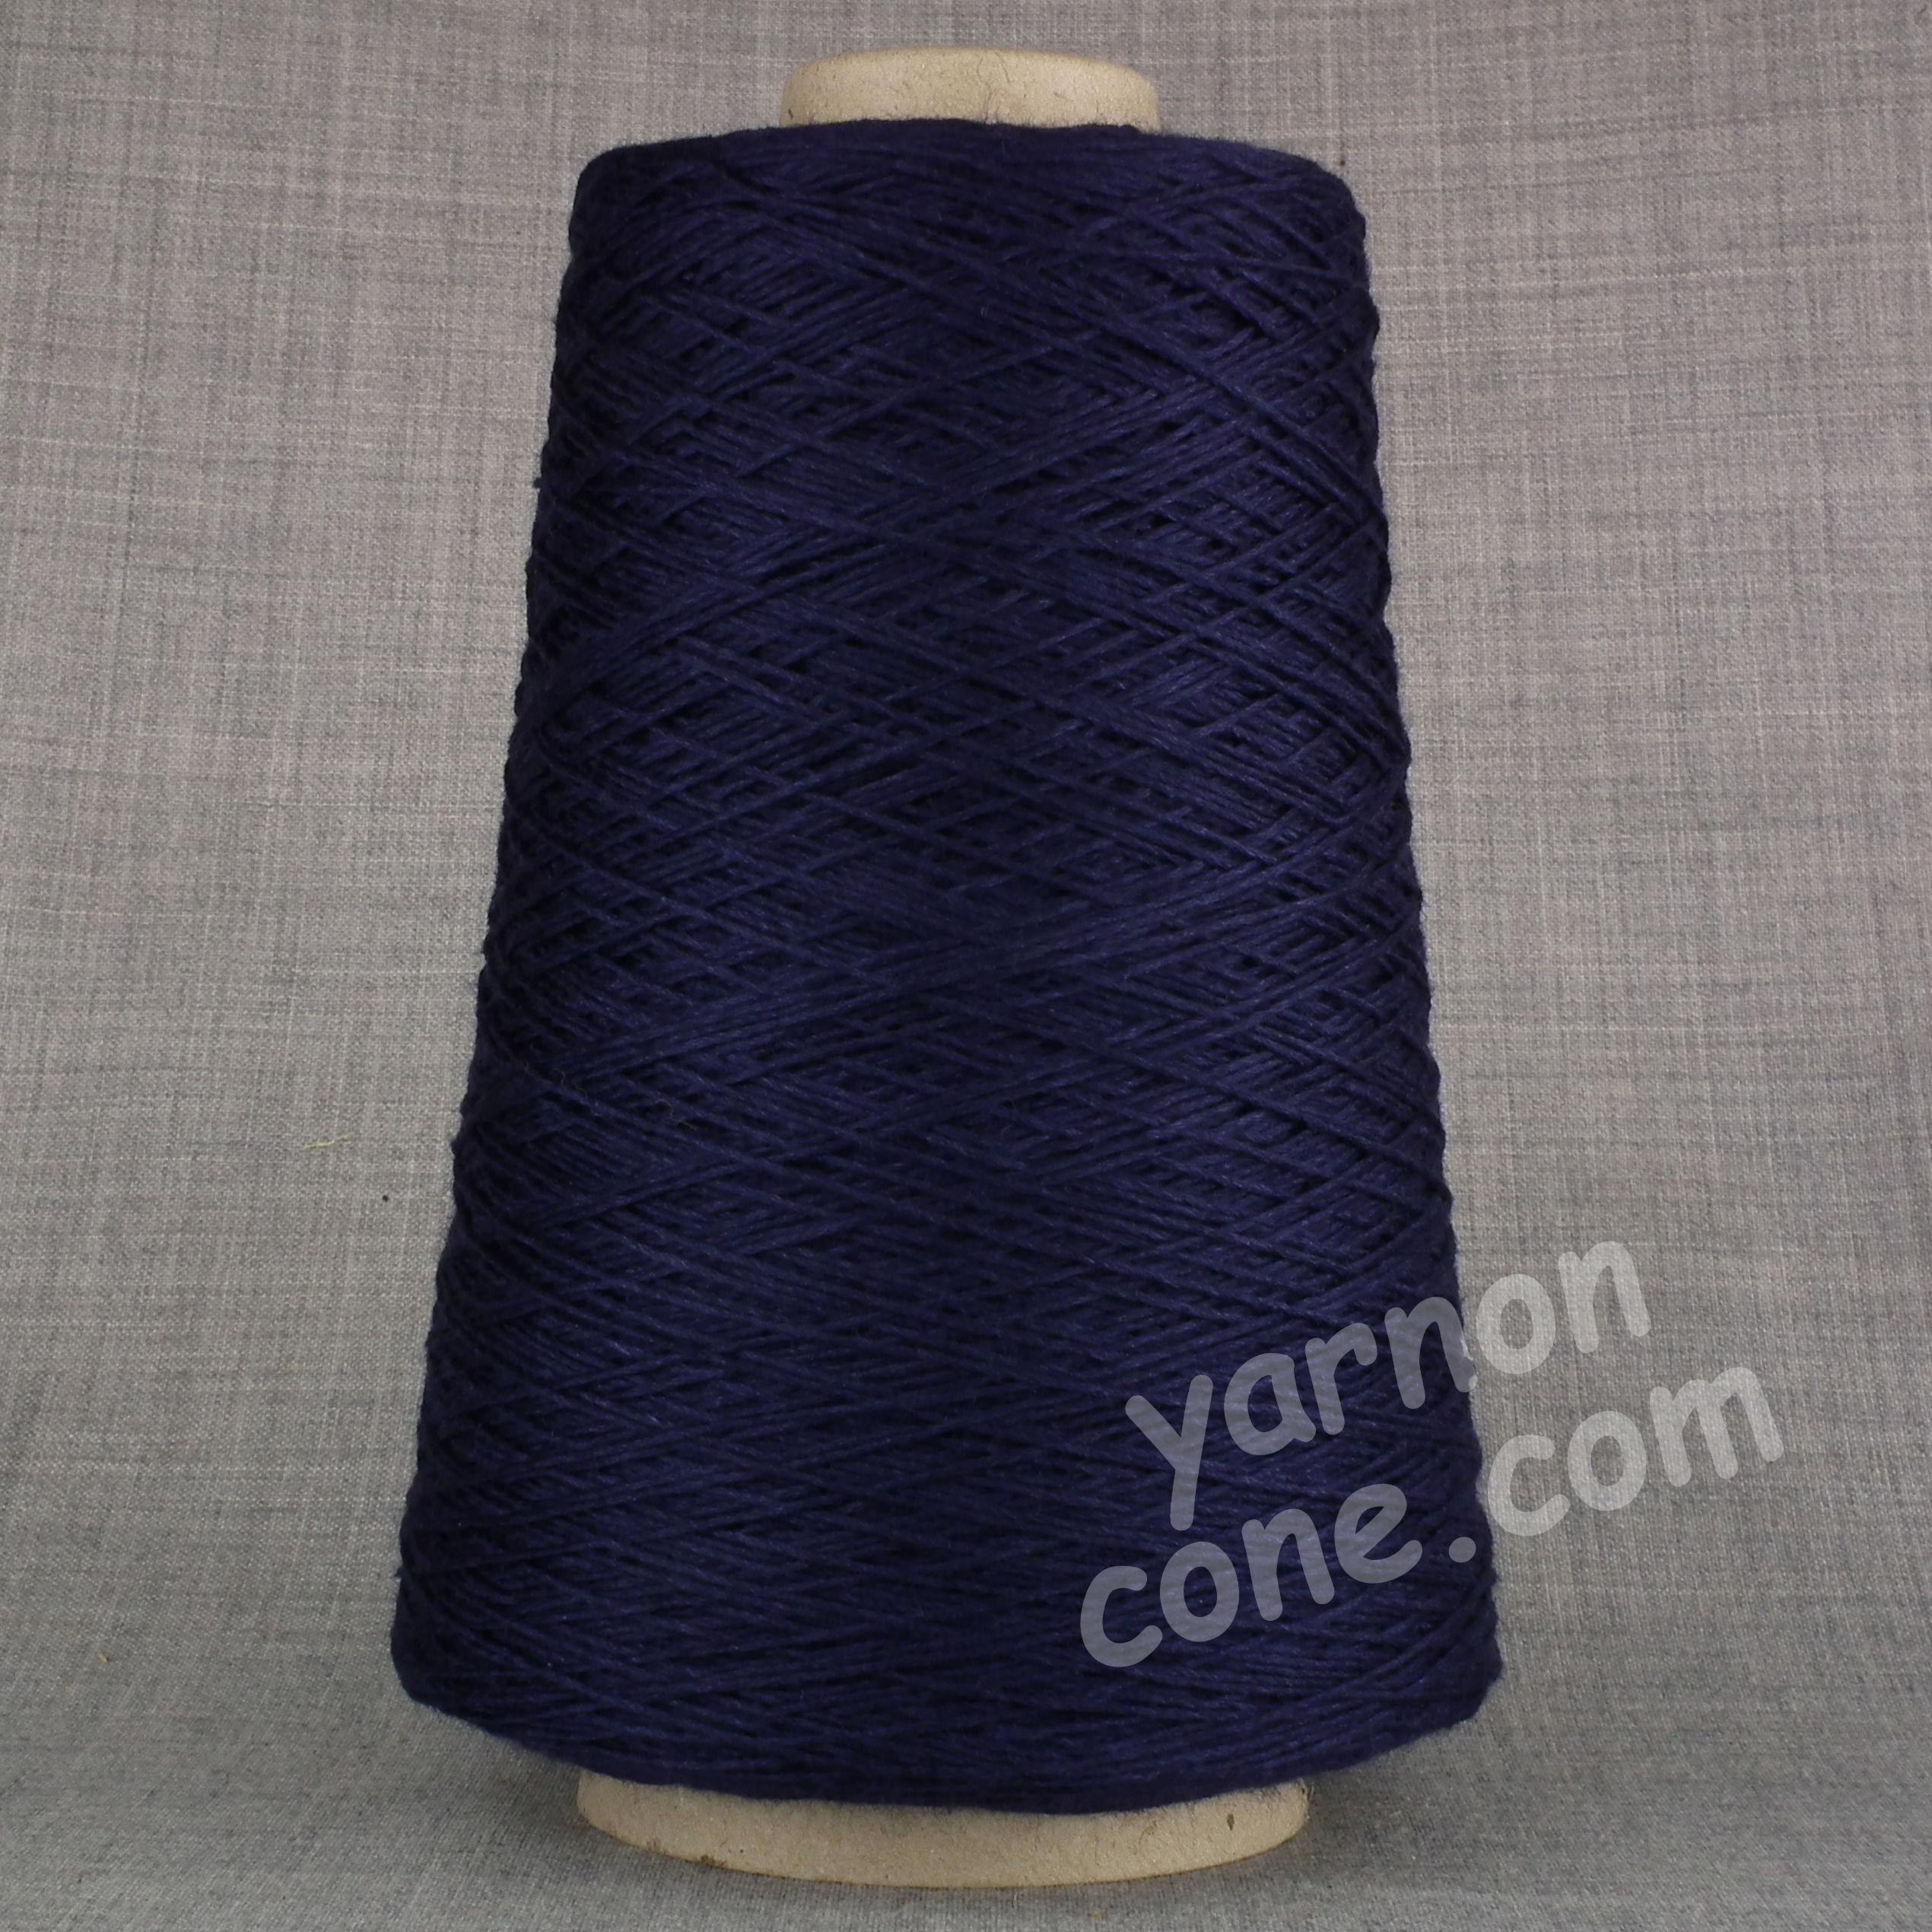 soft 4 ply merino silk pure luxury hand machine knitting yarn on cone navy blue